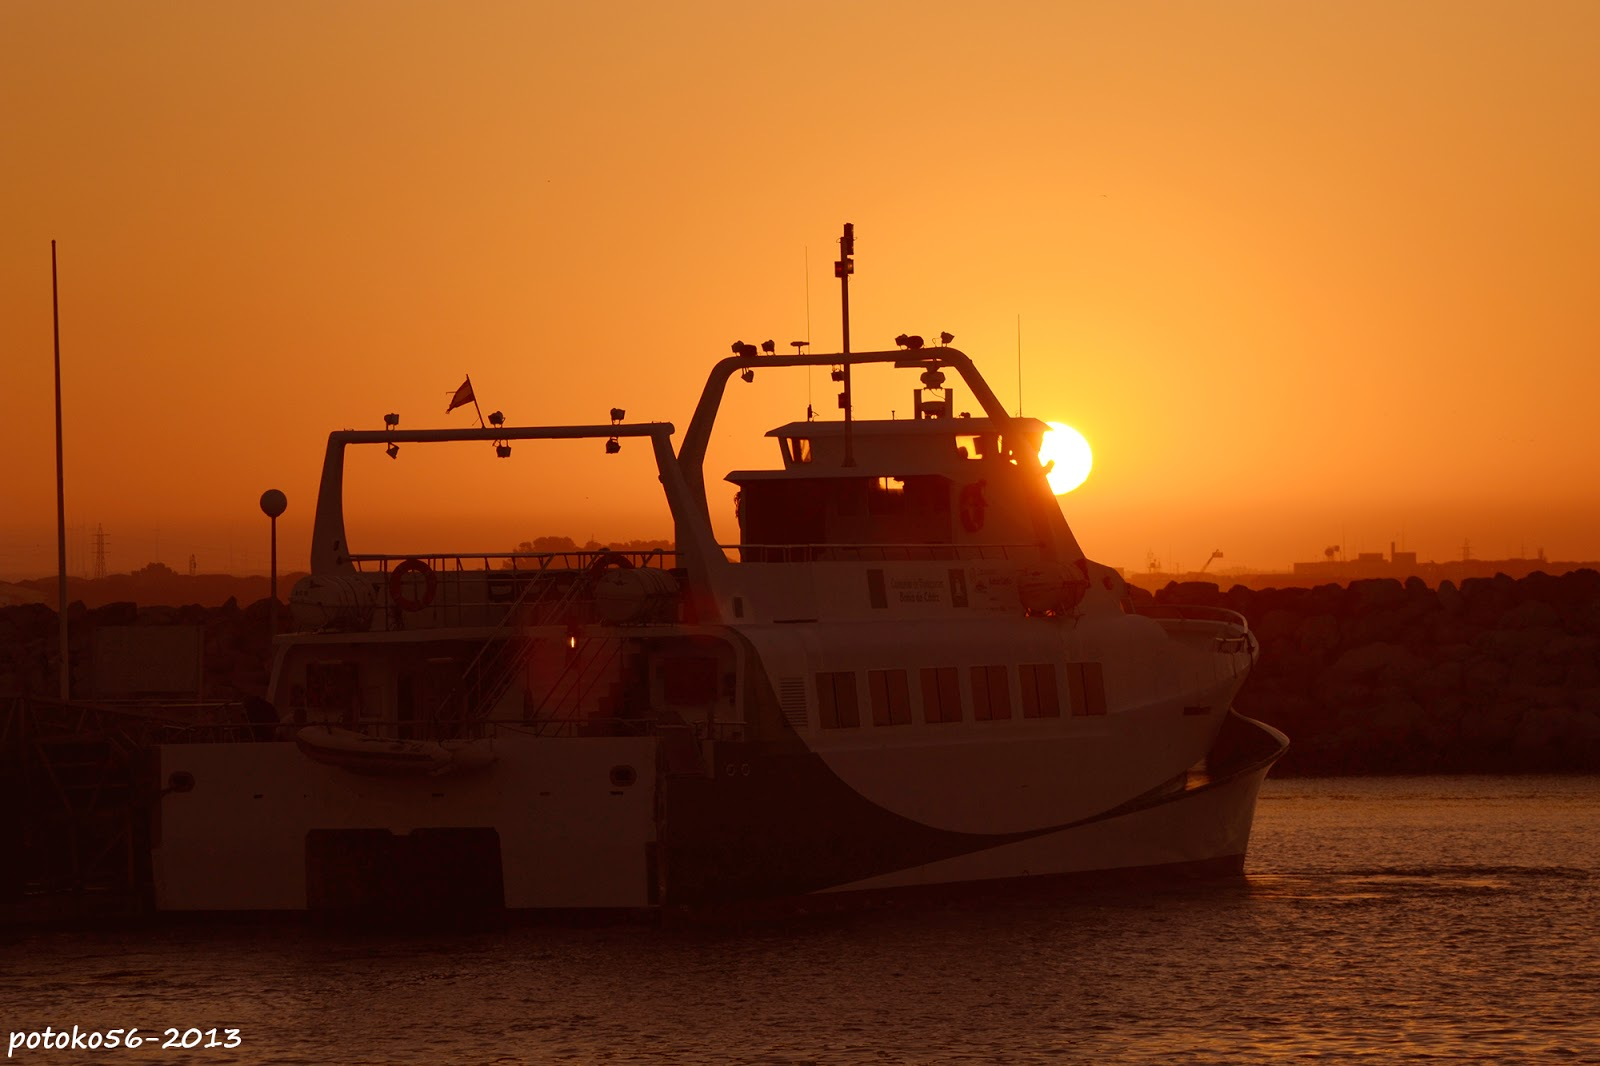 Catamaran Rota Cadiz y el Sol del amanecer Rota